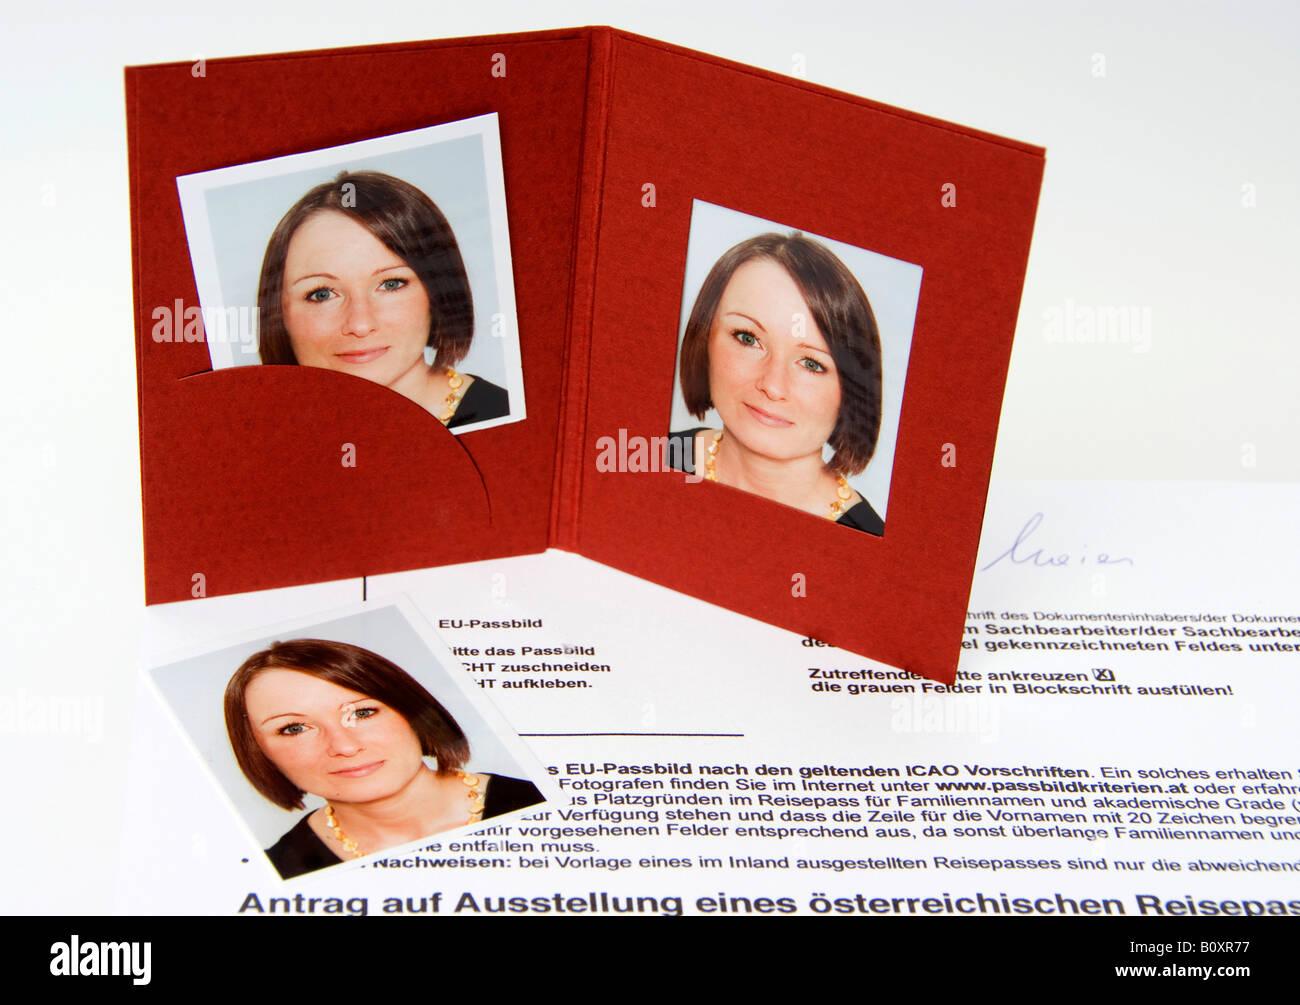 Niedlich Uk Passfoto Vorlage Ideen - Beispielzusammenfassung Ideen ...